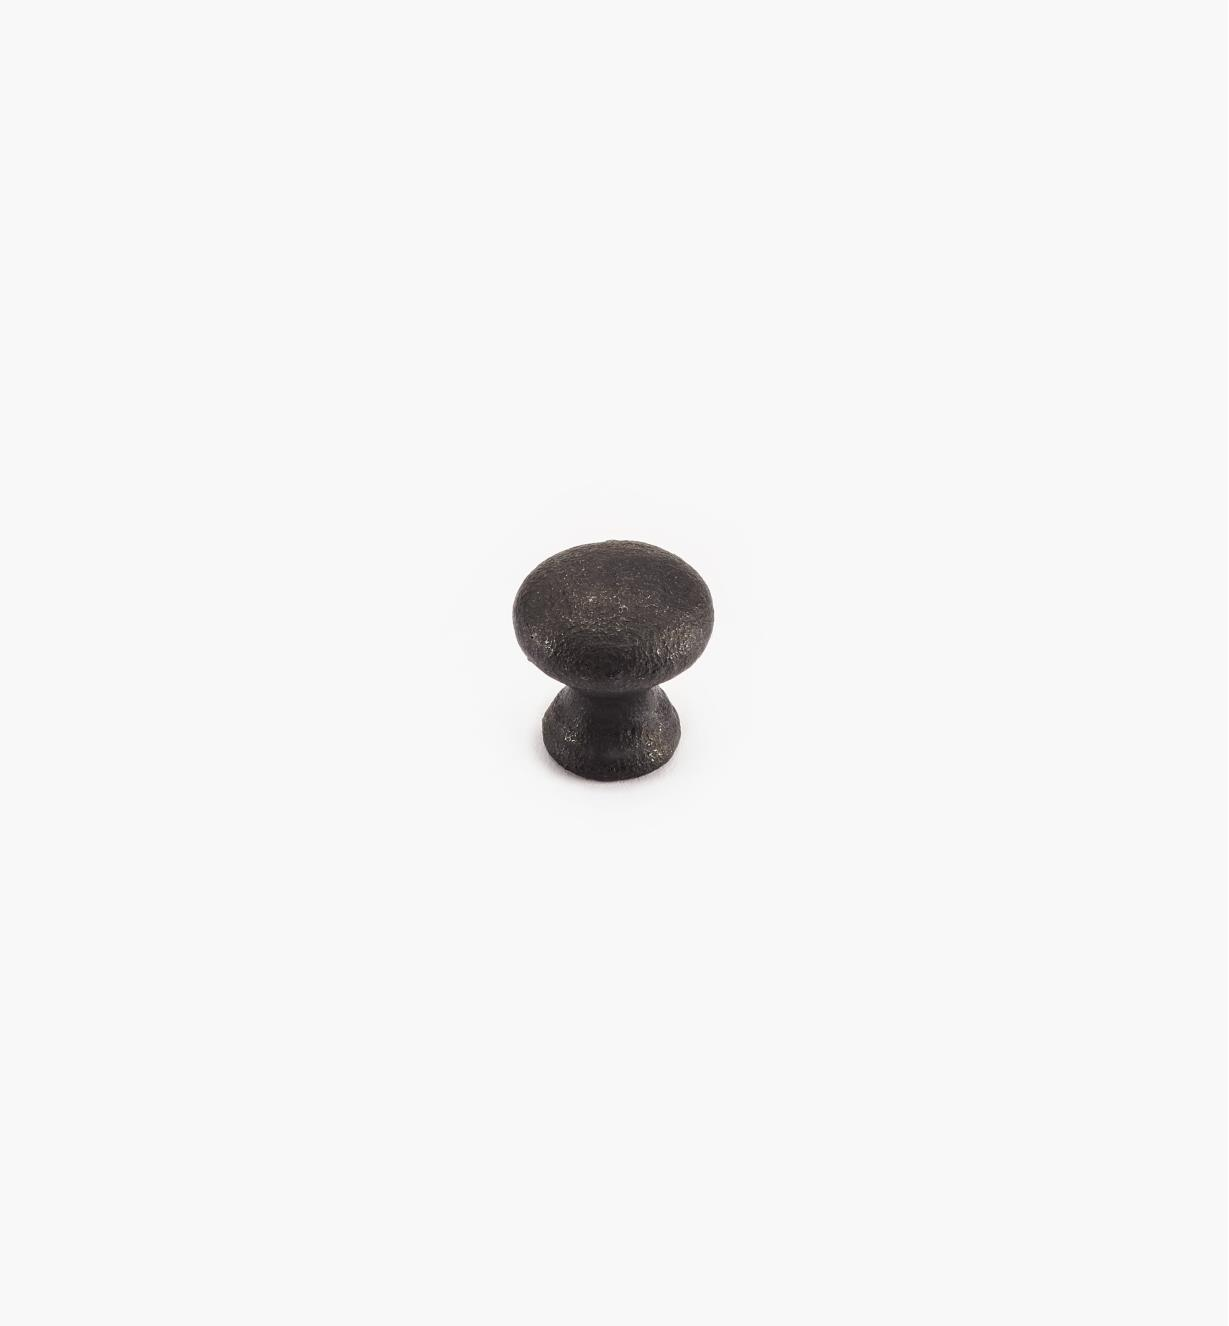 01W4701 - Bouton classique en acier, 1/2 po x 1/2 po